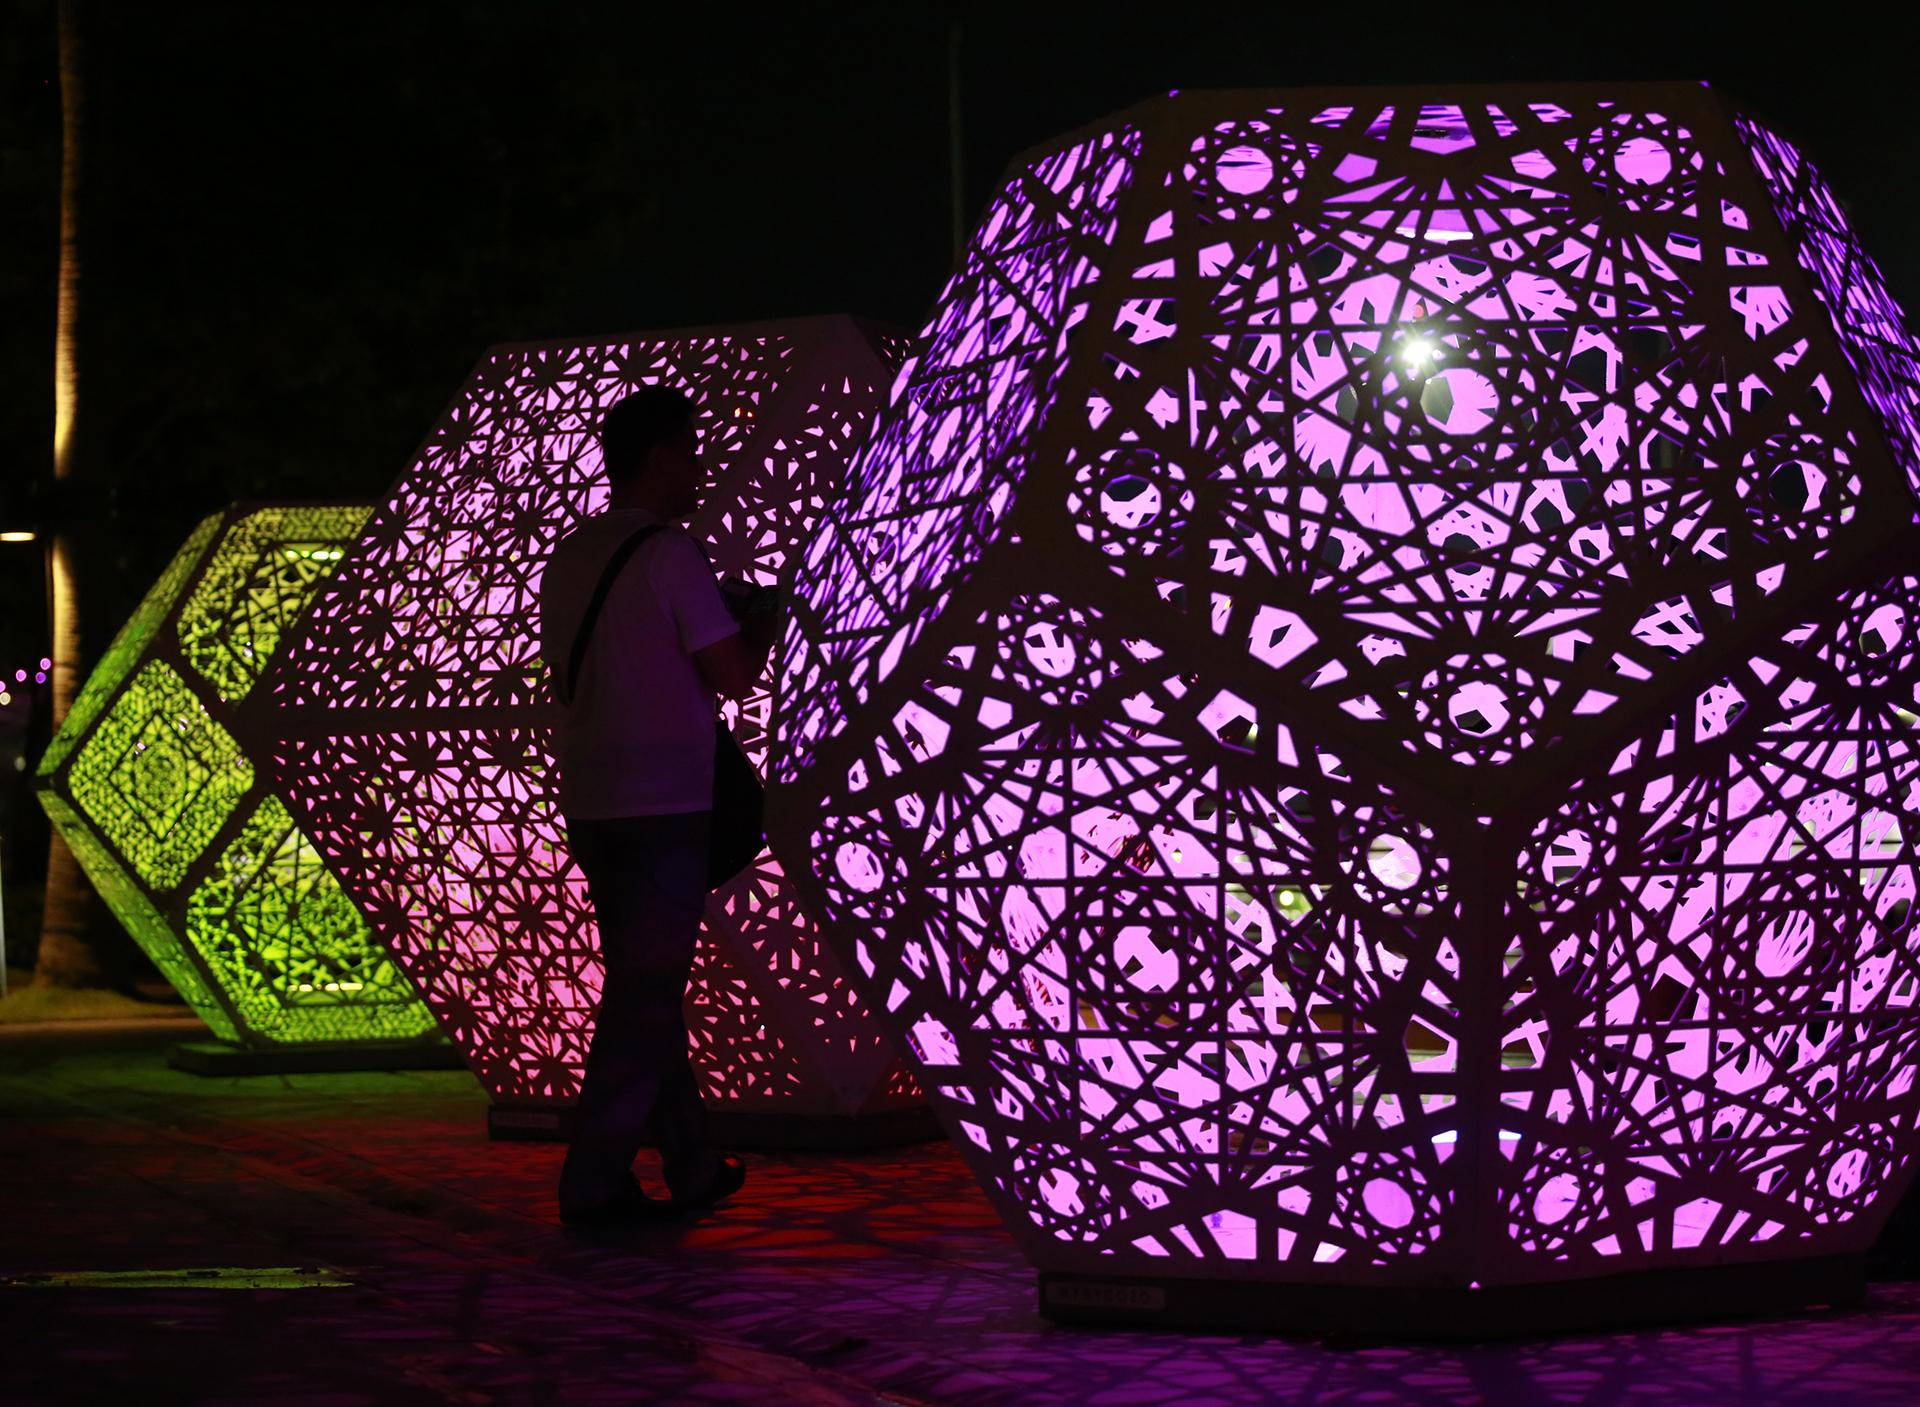 Мужчина гуляет возле освещенных скульптур, фестиваль i Light Marina Bay Festival в Сингапуре, 01 марта 2017 года. EPA / WALLACE WOON